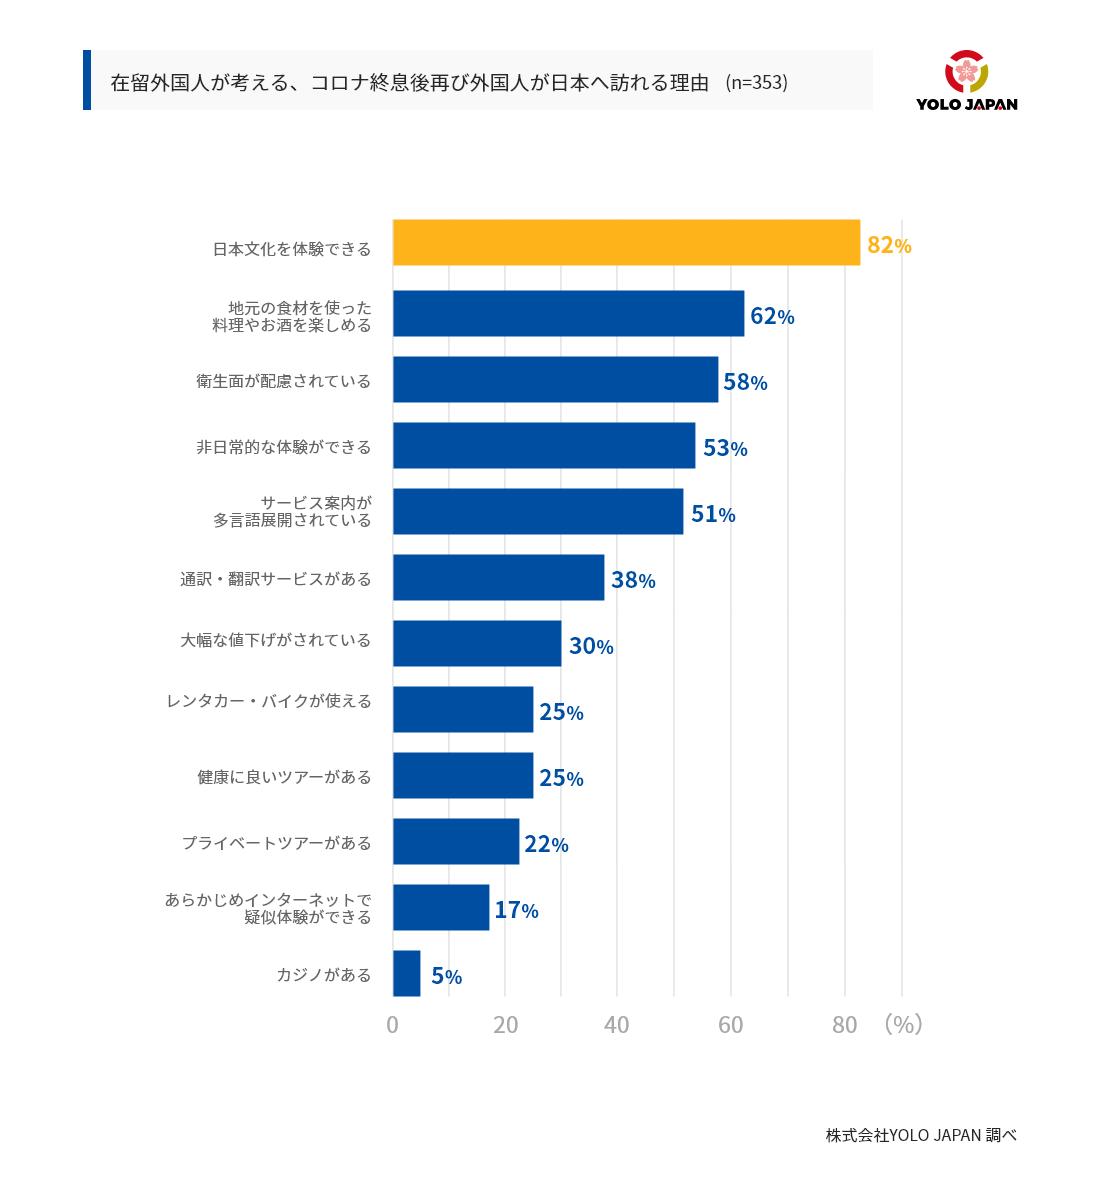 在留外国人が考えるコロナ終息後に再び外国人が日本へ訪れる理由の一覧。最も票が多かったのは、「日本文化を体験できる」で82%であった。